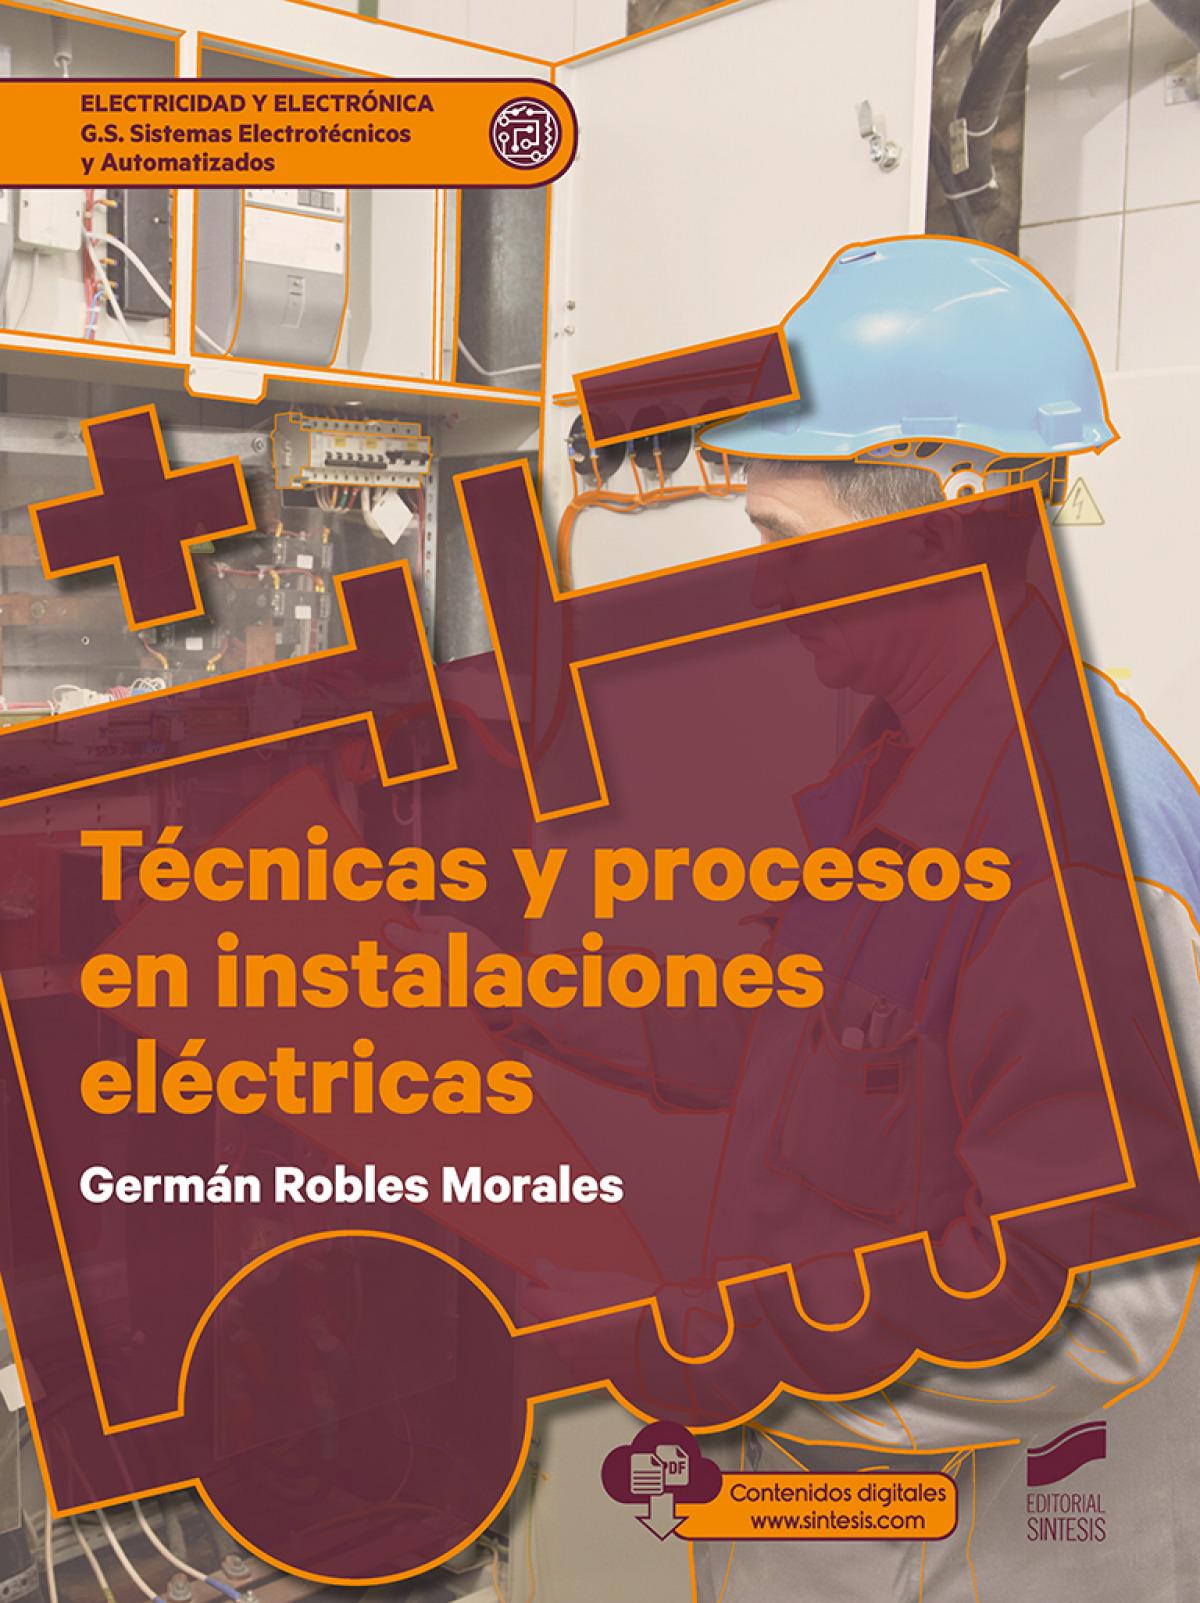 Técnicas y procesos en instalaciones eléctricas